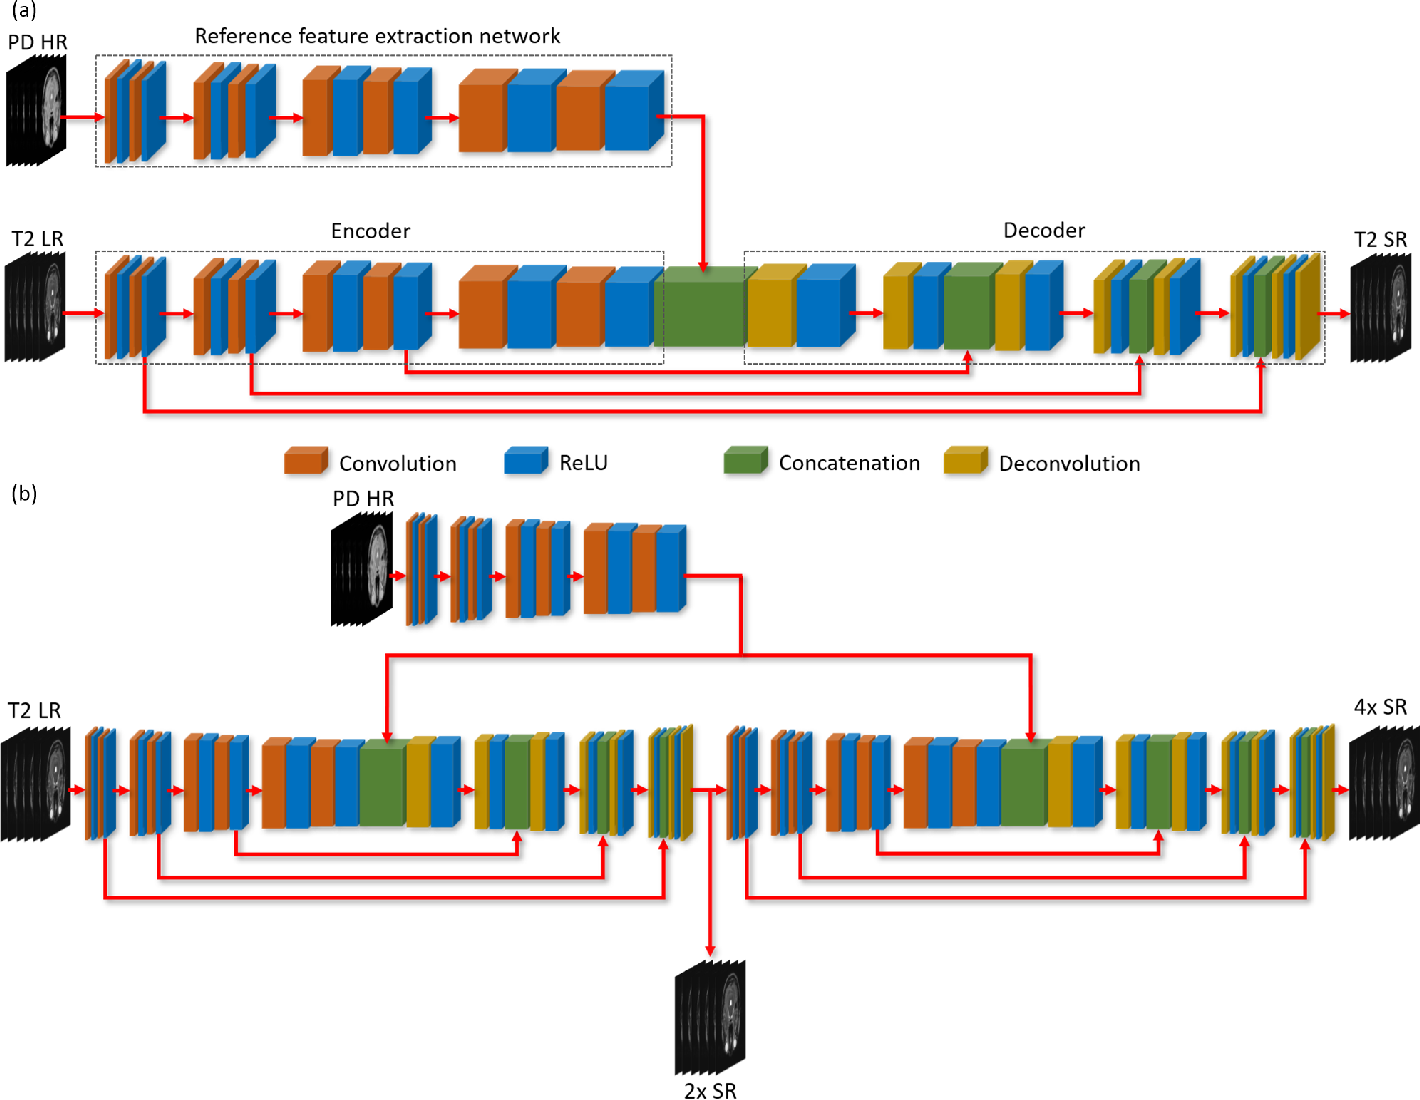 Figure 1 for Multi-Contrast Super-Resolution MRI Through a Progressive Network